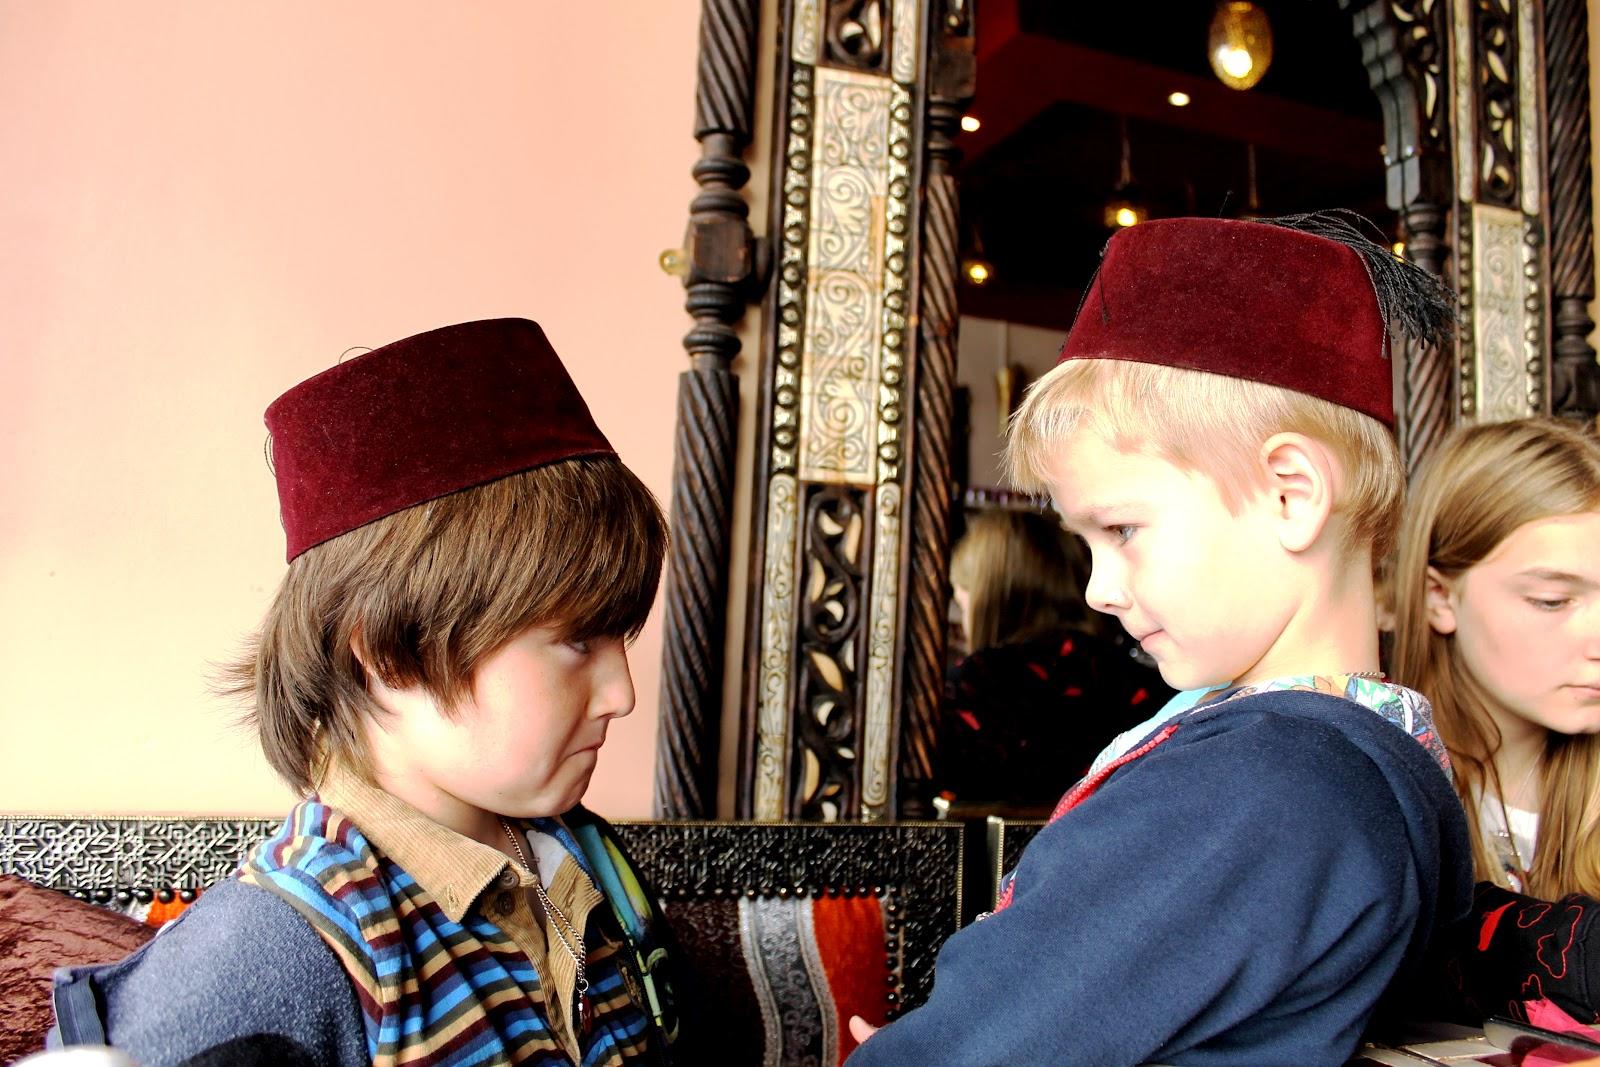 http://2.bp.blogspot.com/-C6gfL3c6HYU/UBPZZkqT81I/AAAAAAAAKtE/TdL2ps5AF5M/s1600/24.+Kids+in+Kasbah+cafe+Liverpool+Bold+Street+lunch.jpg